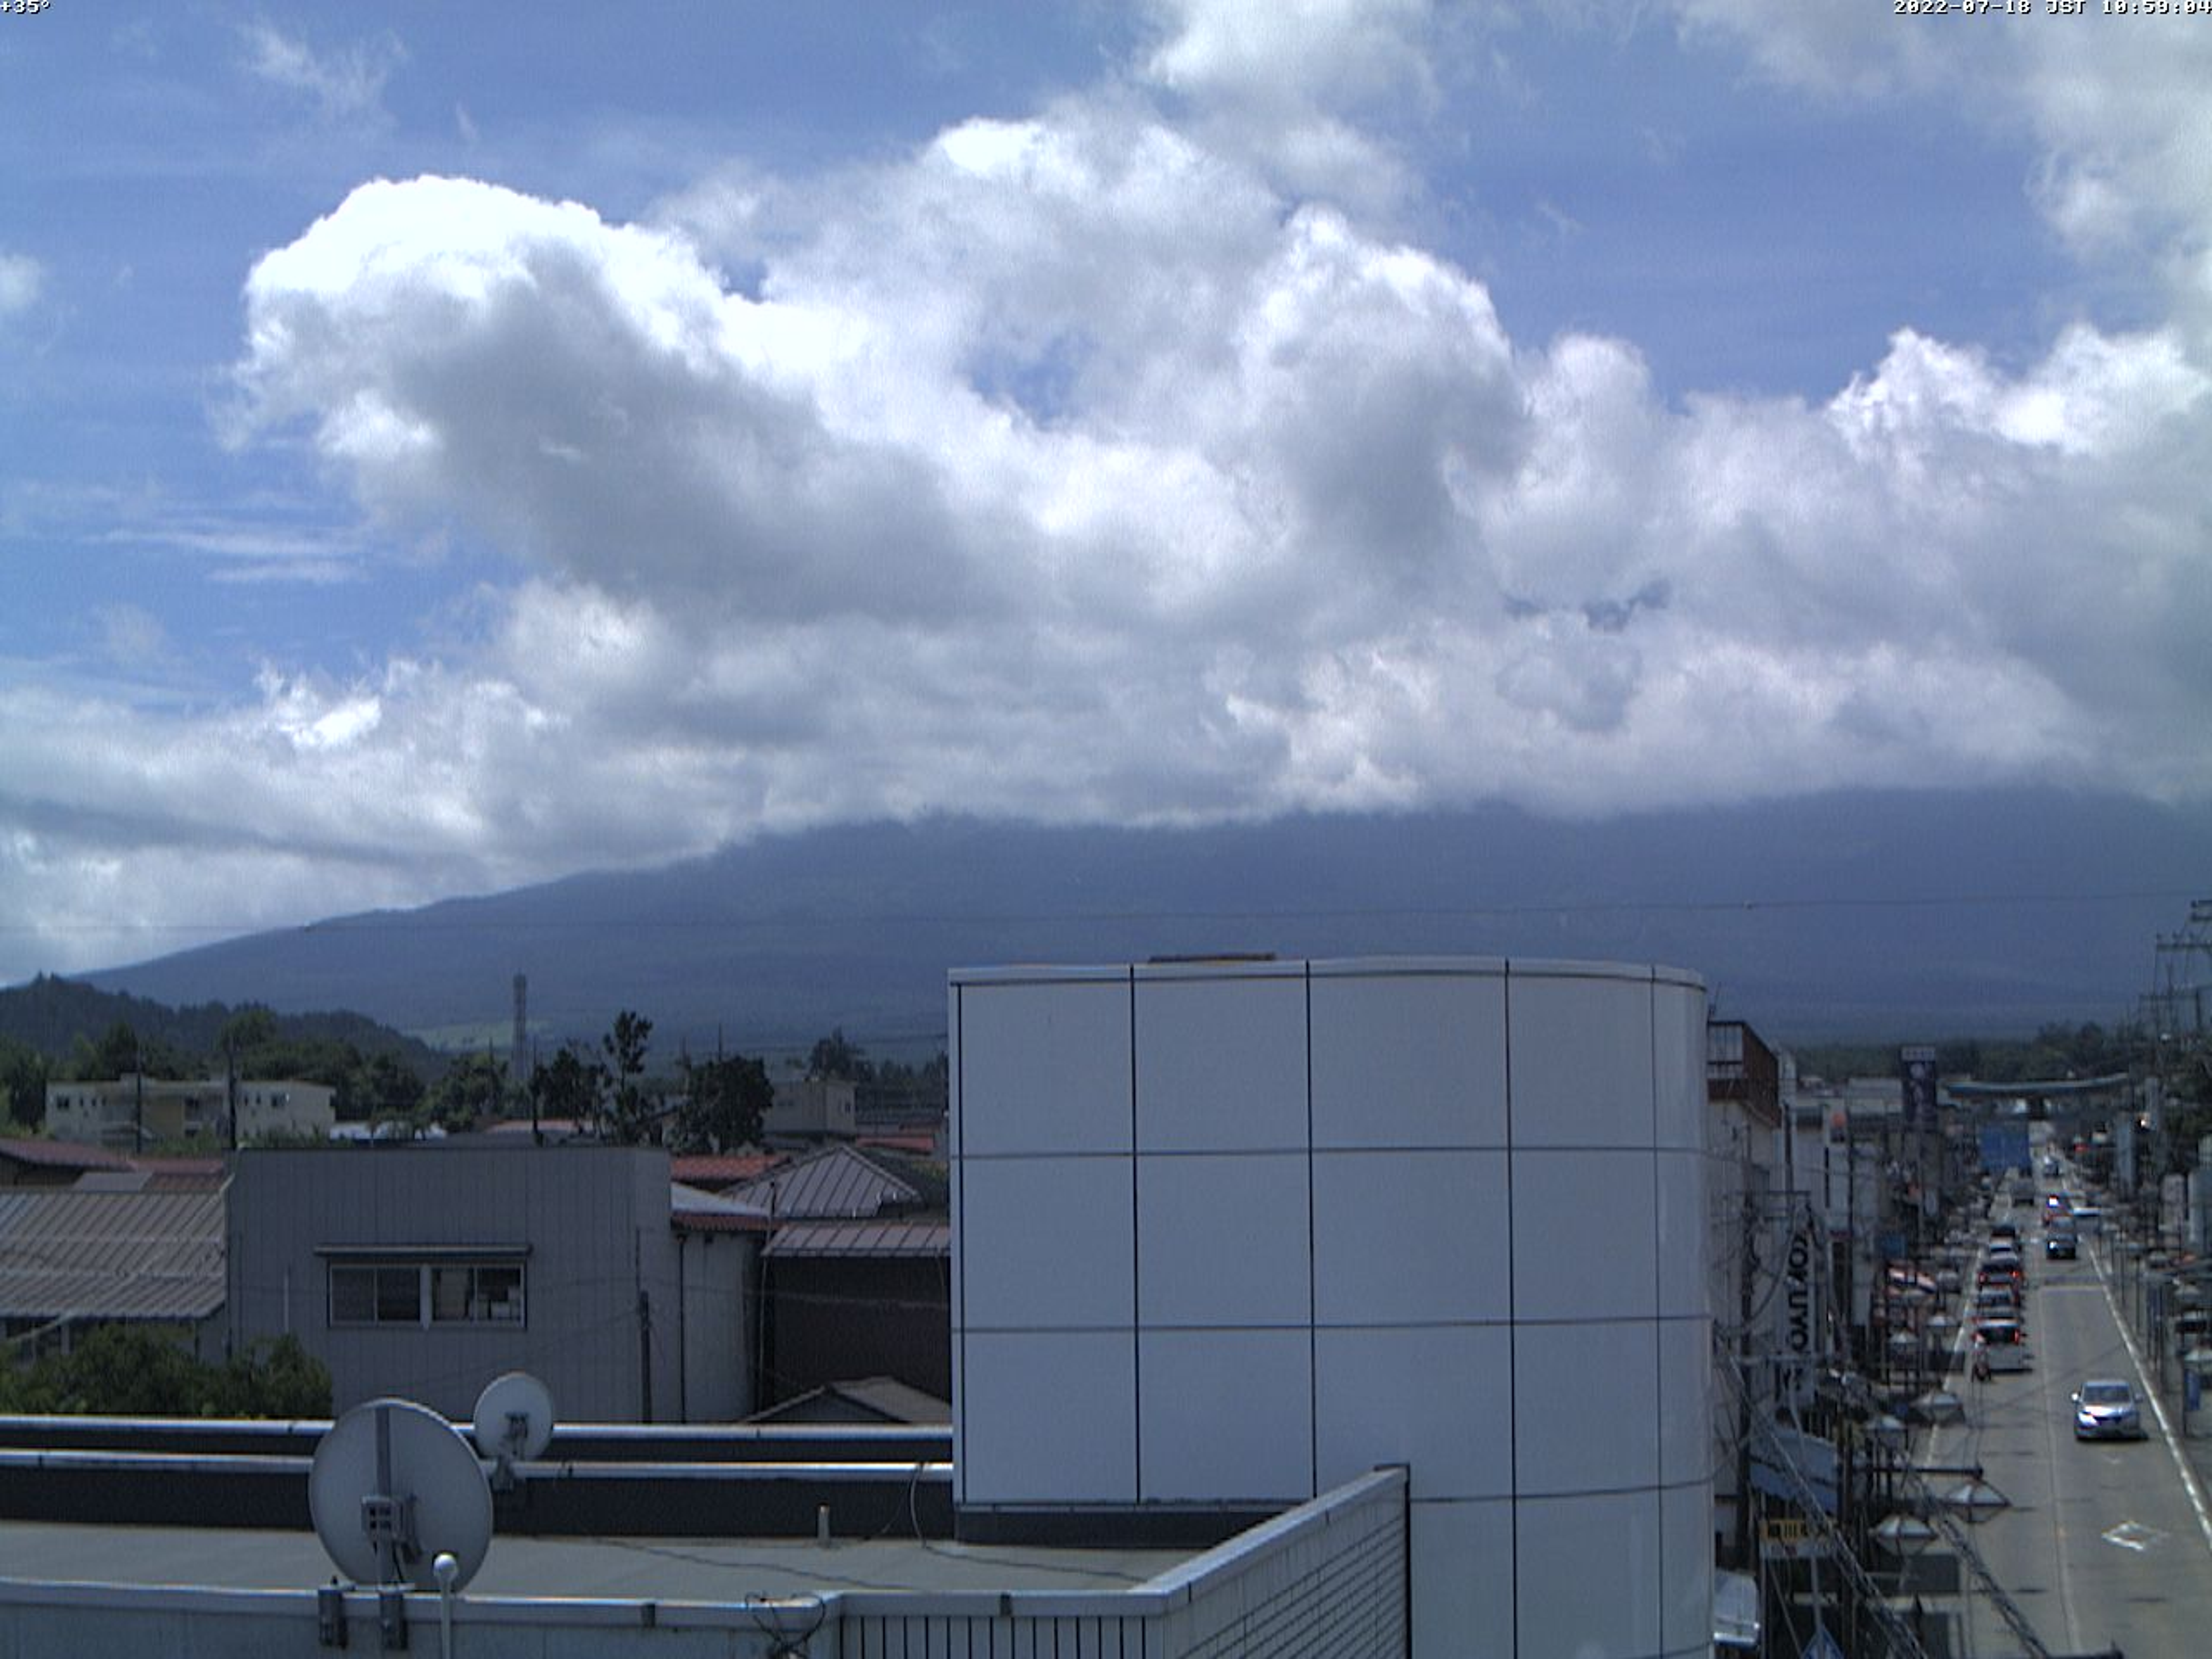 富士山ライブカメラ(富士吉田市中曽根一丁目カメラ)